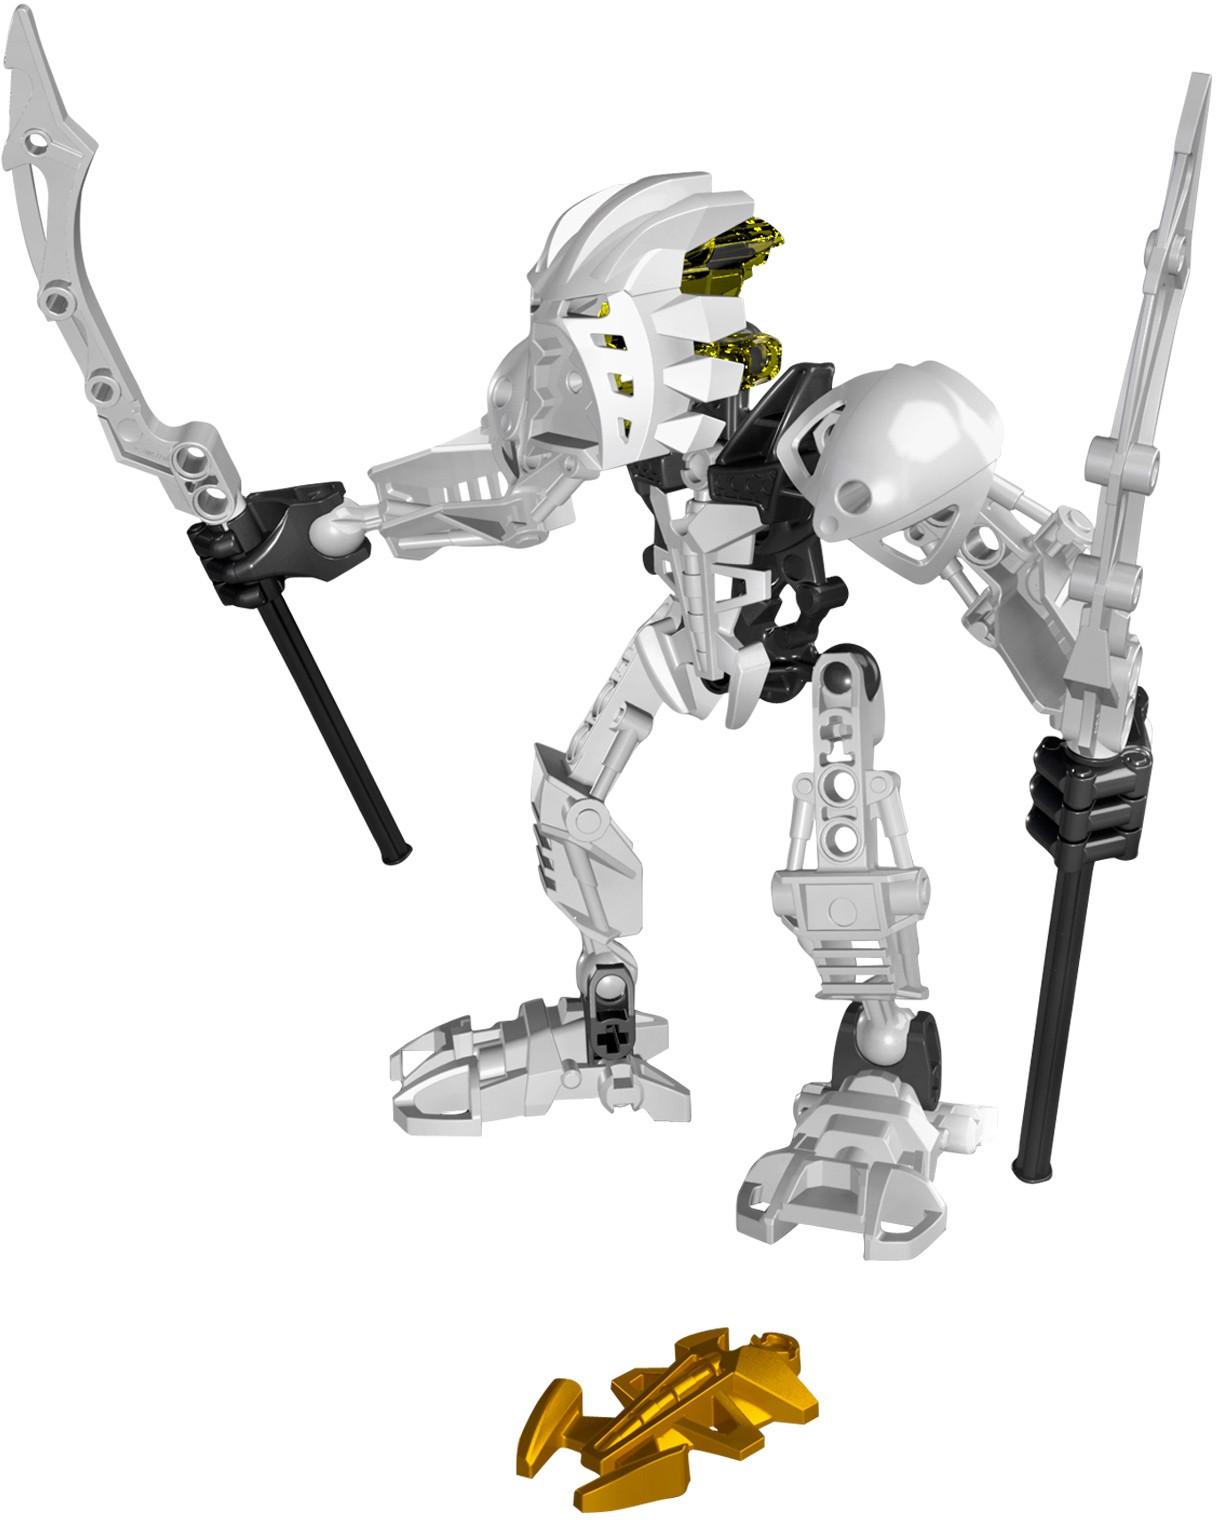 Bionicle | 2010 | Brickset: LEGO set guide and database